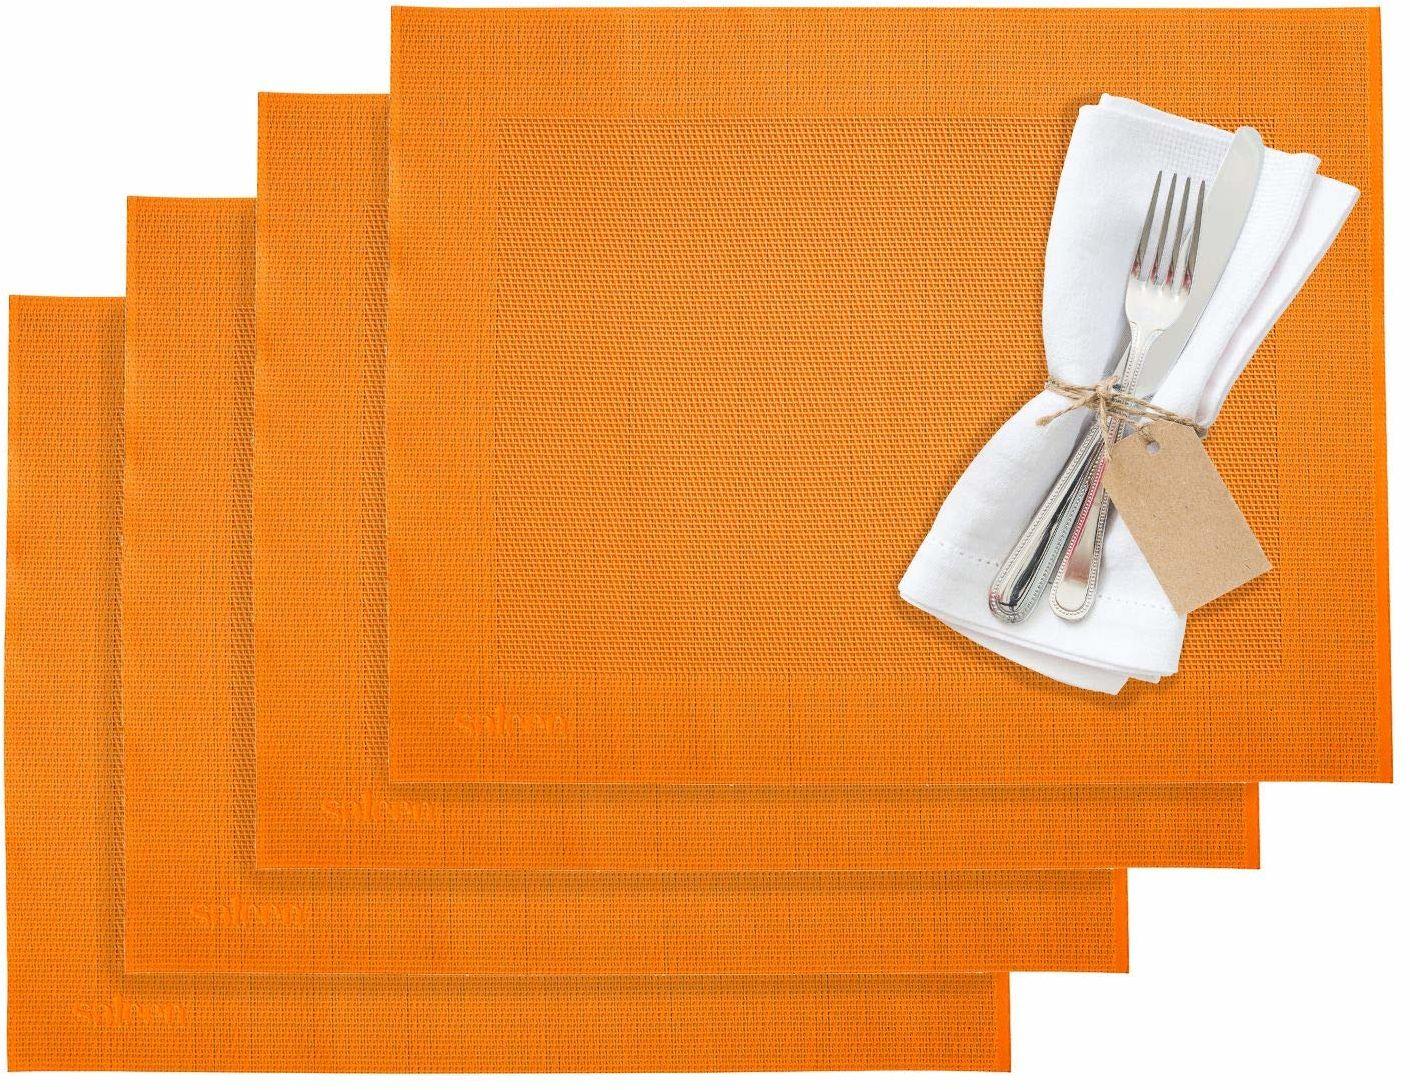 Westmark podkładki stołowe/podkładki stołowe, 4 sztuki, 42 x 32 cm, syntetyczne, pomarańczowe, Saleen Edition: Home